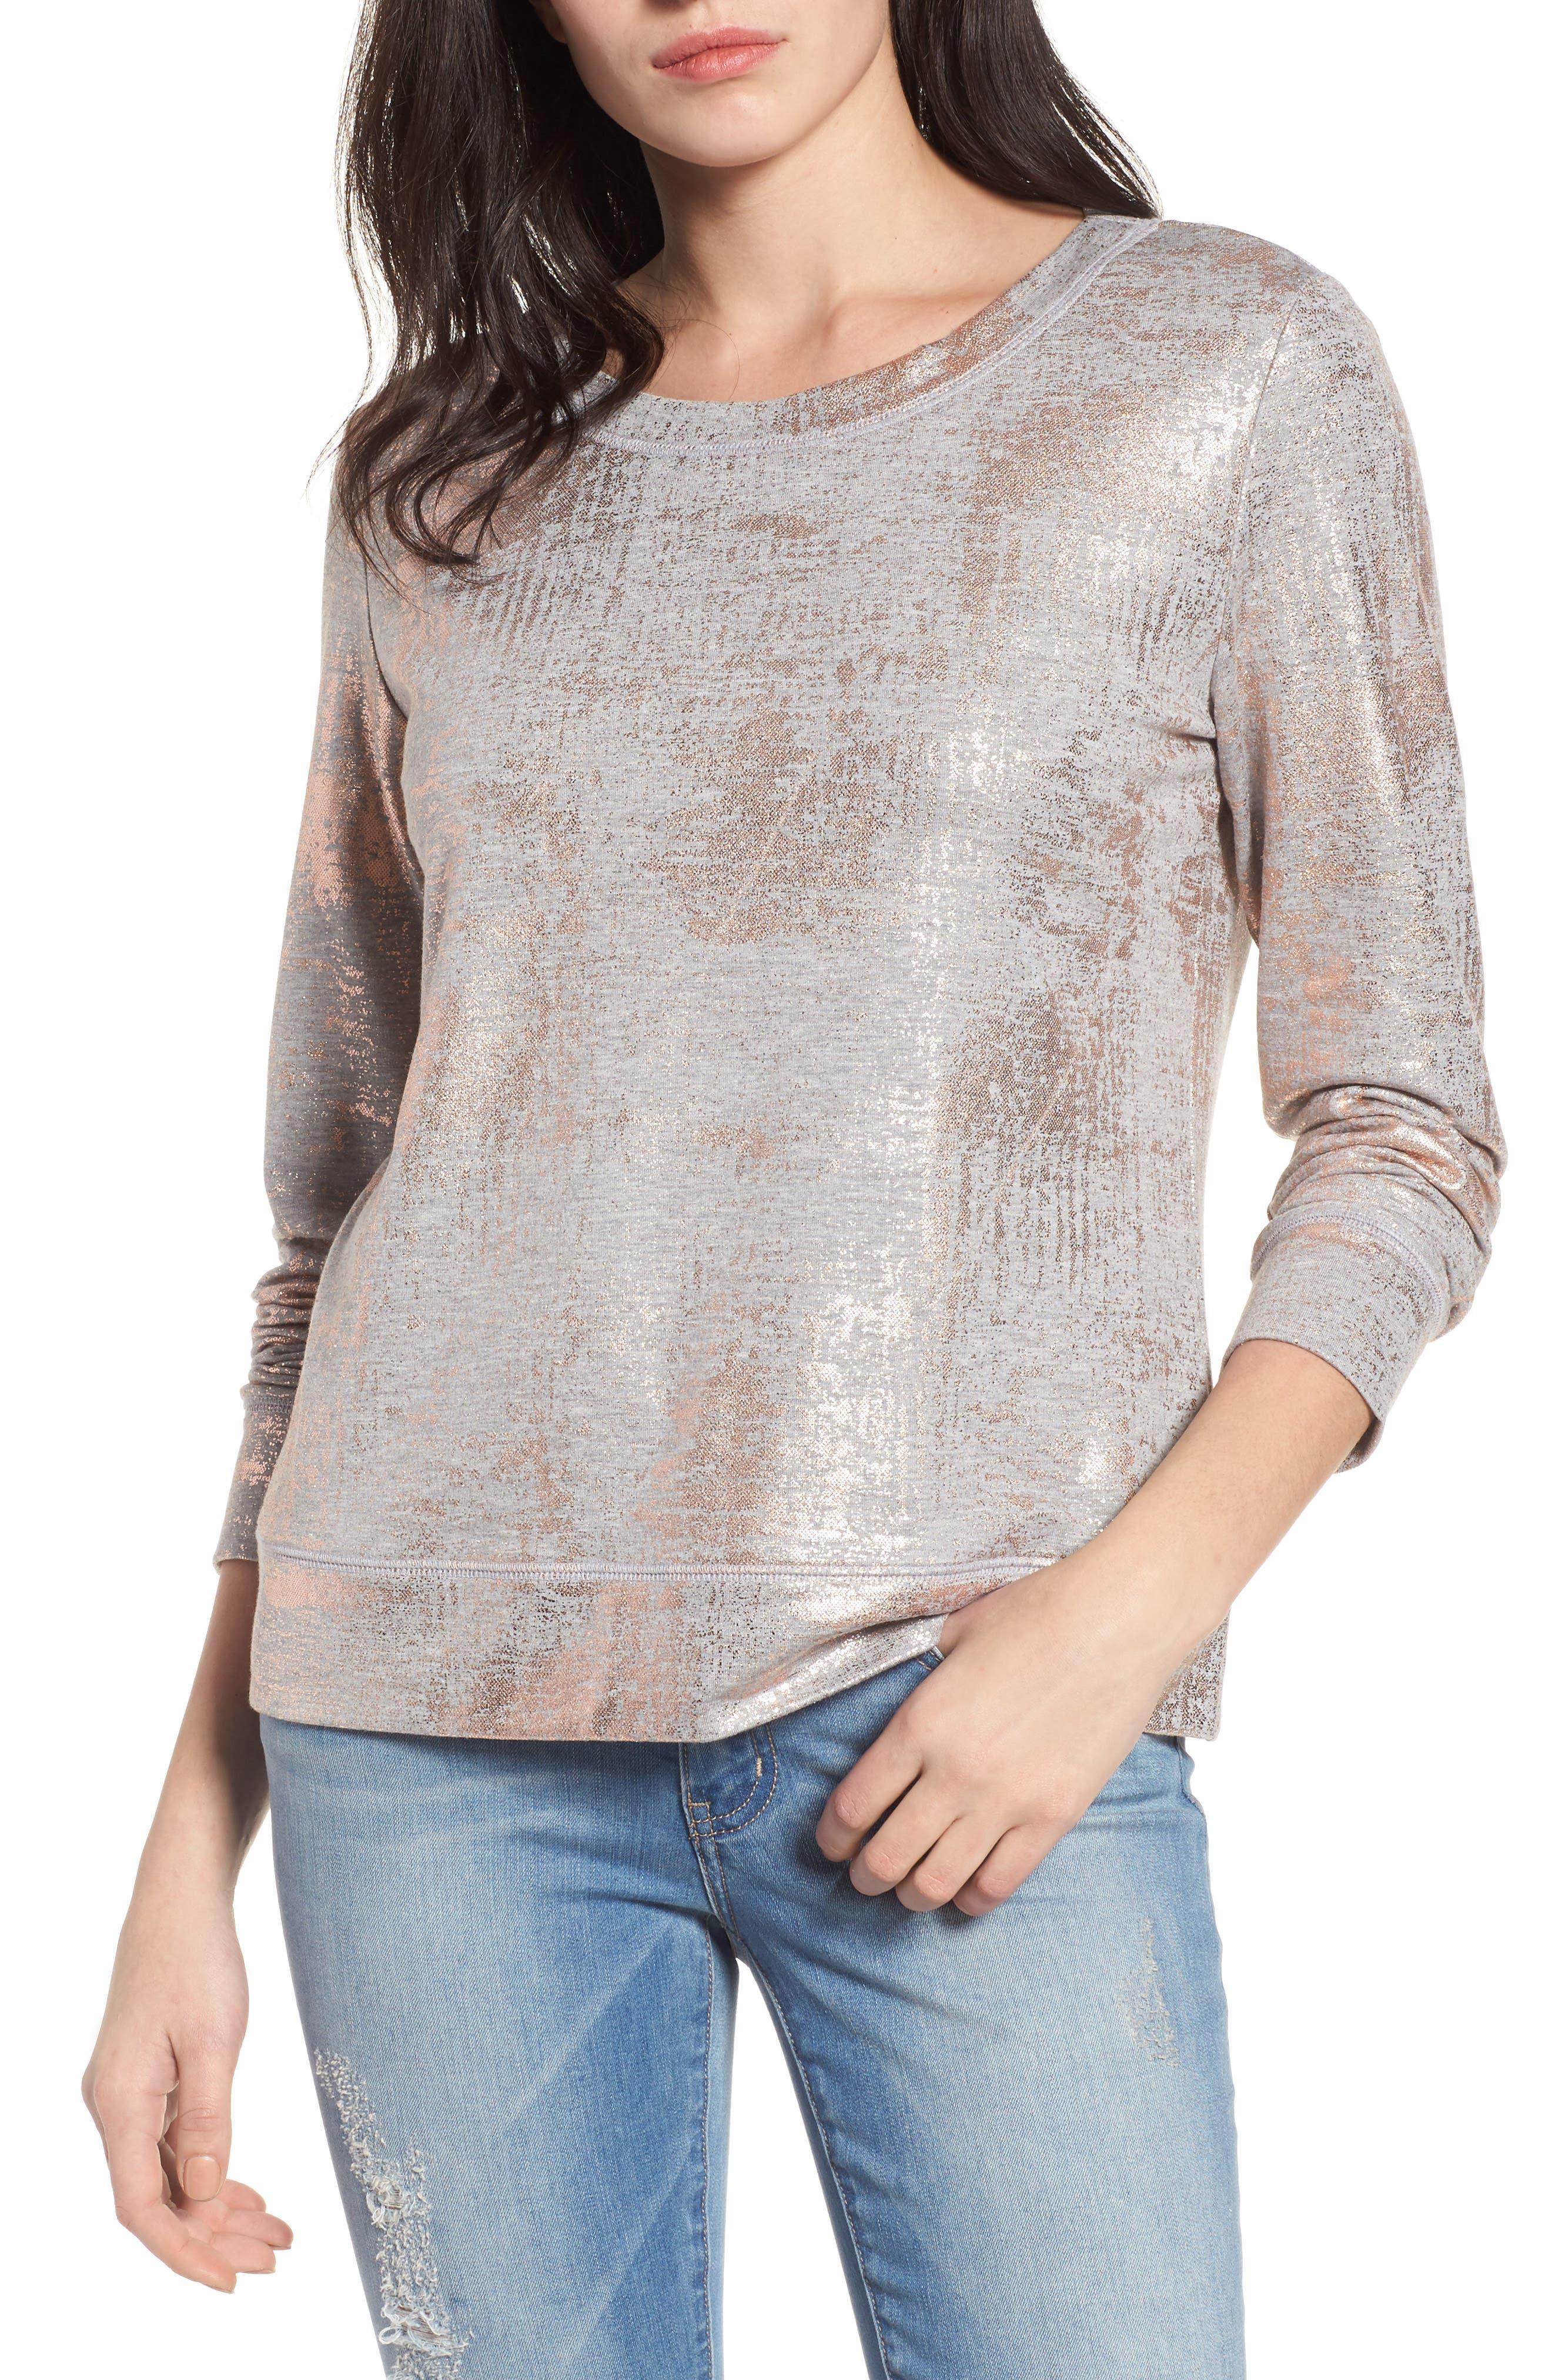 Foiled Sweatshirt,                             Main thumbnail 1, color,                             020